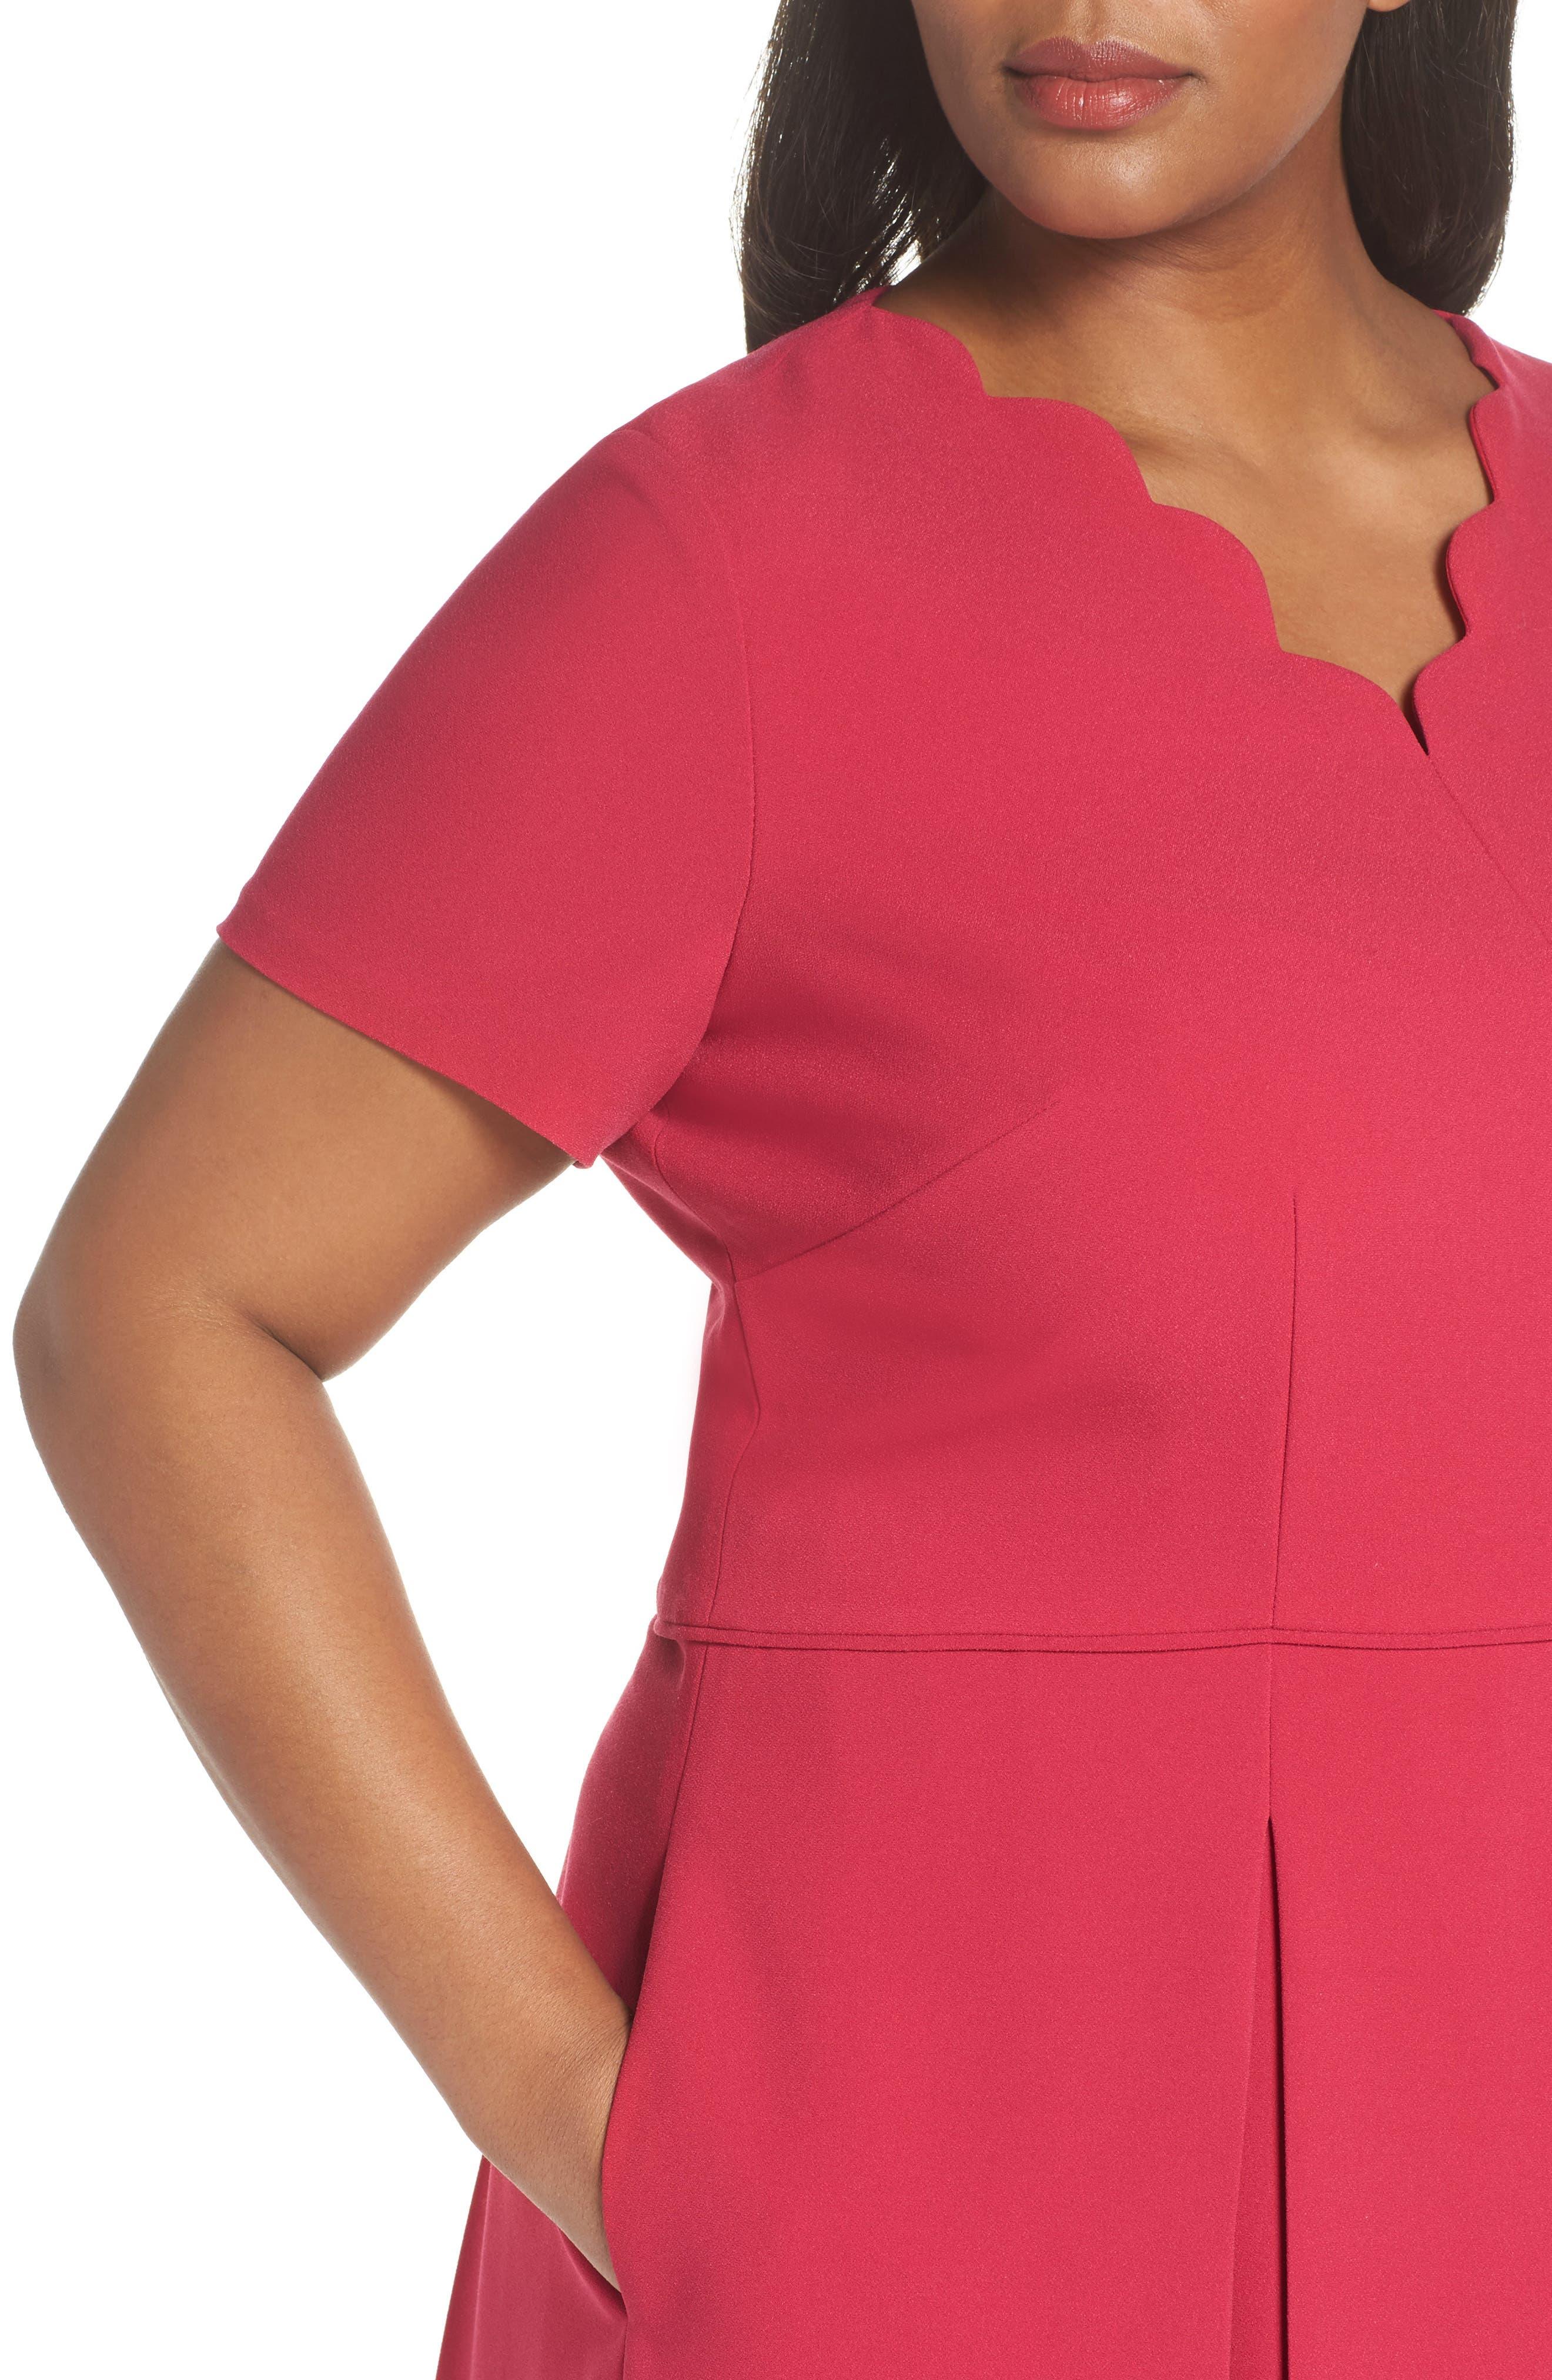 Scallop Neck A-Line Dress,                             Alternate thumbnail 4, color,                             677